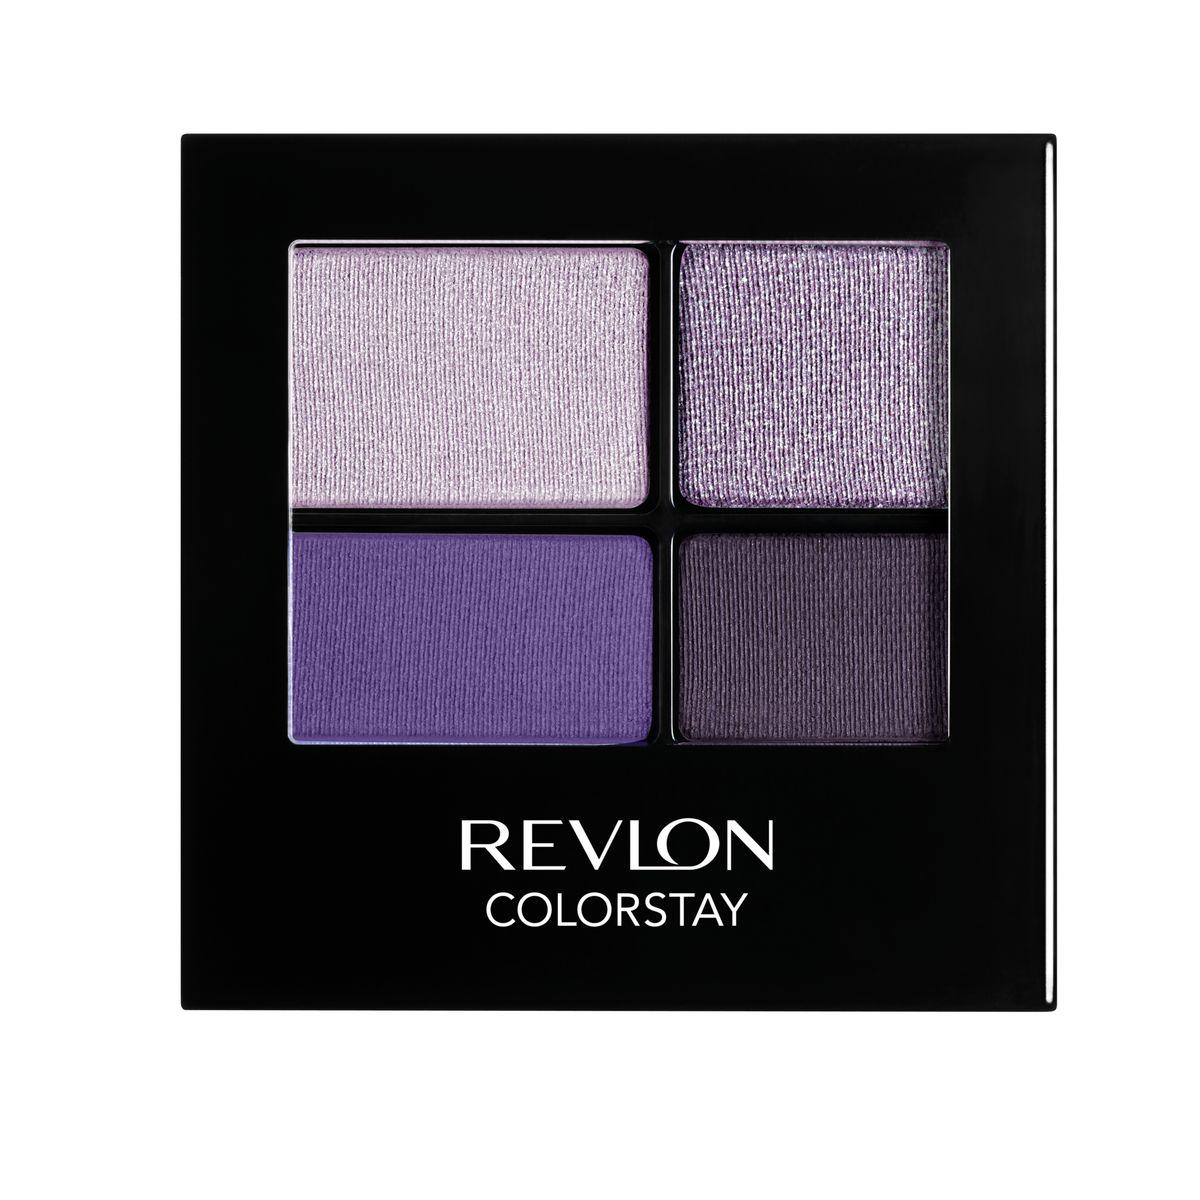 Revlon Тени для Век Четырехцветные Colorstay Eye16 Hour Eye Shadow Quad Seductive 530 42 г7210767007Colorstay 16 Hour Sahdow - роскошные тени для век с шелковистой текстурой и невероятно стойкой формулой. Теперь ваш макияж сохранит свой безупречный вид не менее 16 часов! Все оттенки гармонично сочетаются друг с другом и легко смешиваются, позволяя создать бесконечное количество вариантов макияжа глаз: от нежных, естественных, едва заметных, до ярких, выразительных, драматических. На оборотной стороне продукта приведена схема нанесения.Аккуратно нанести на веки специальной кисточкой.